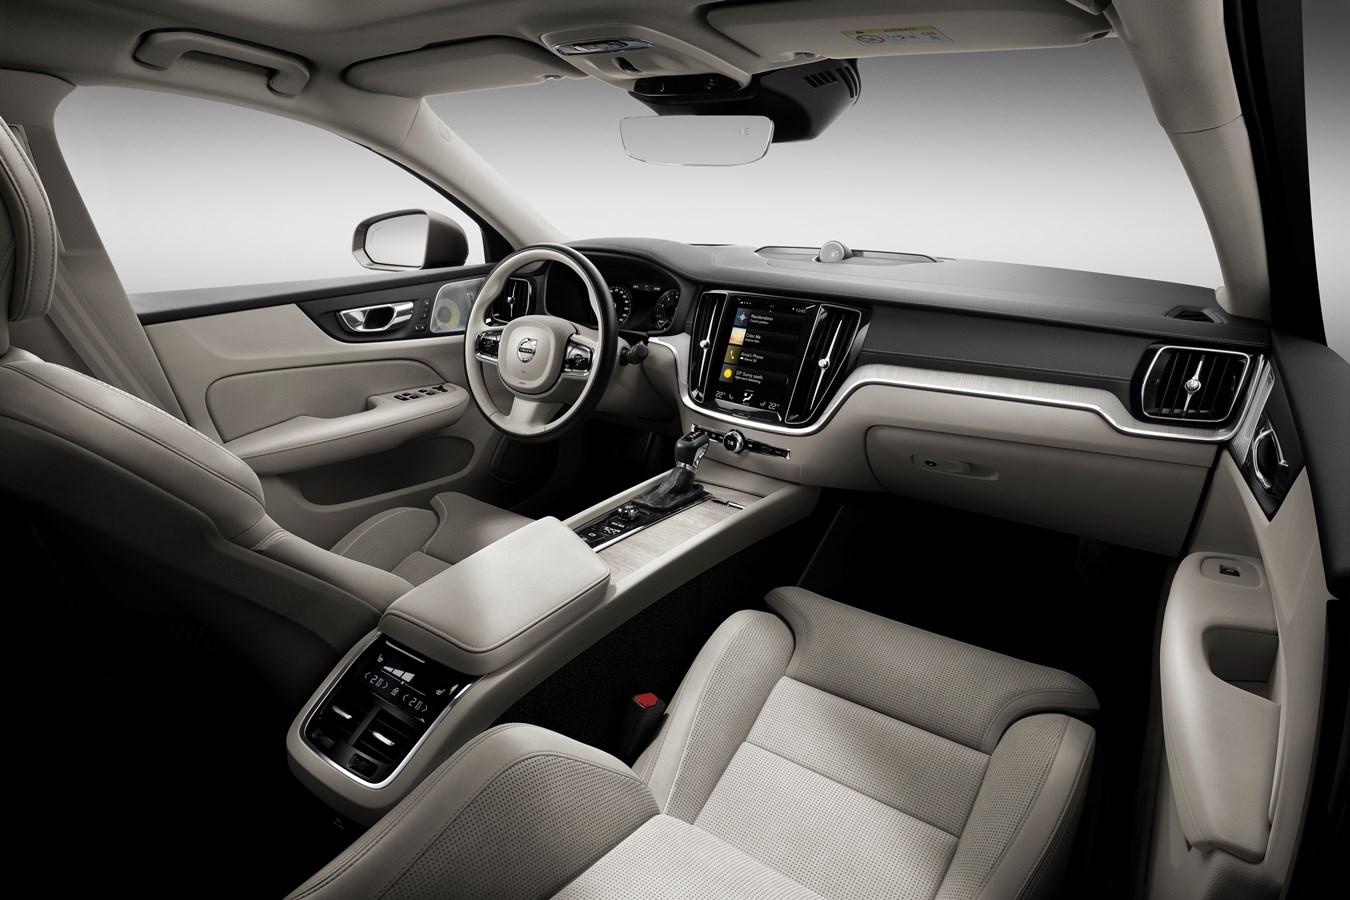 New Volvo S60 Inscription Interior